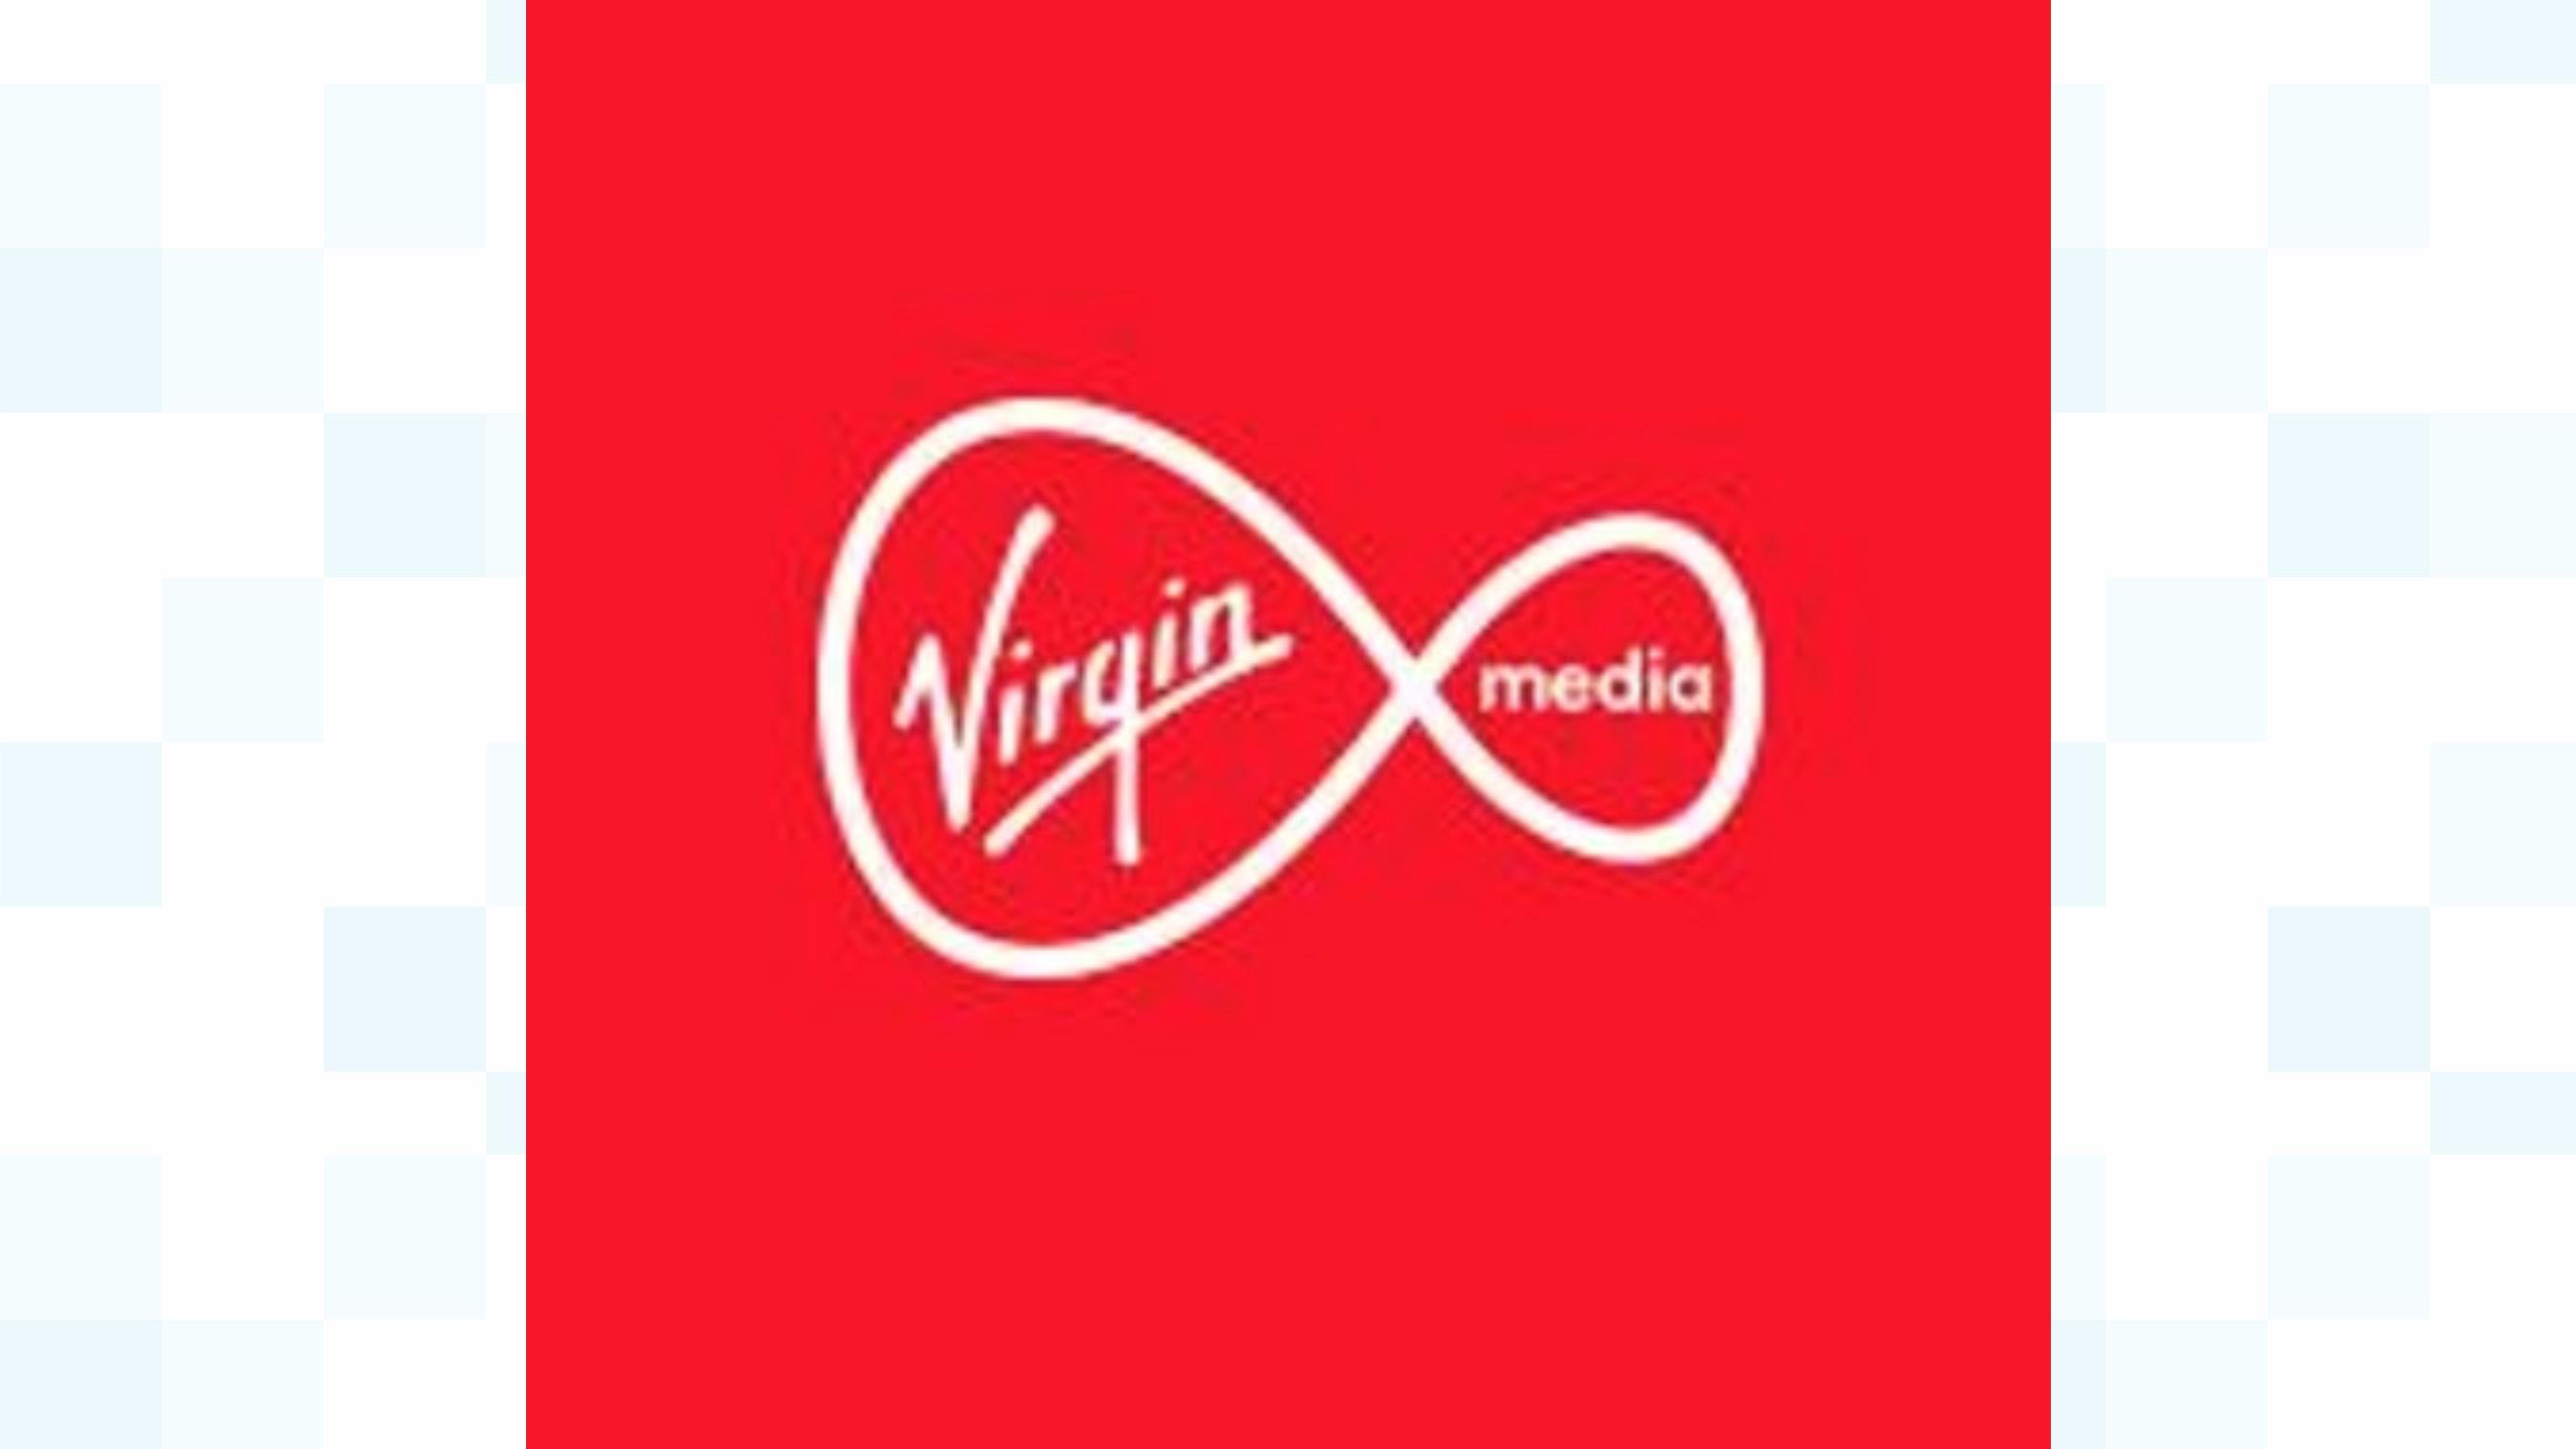 virgin media news